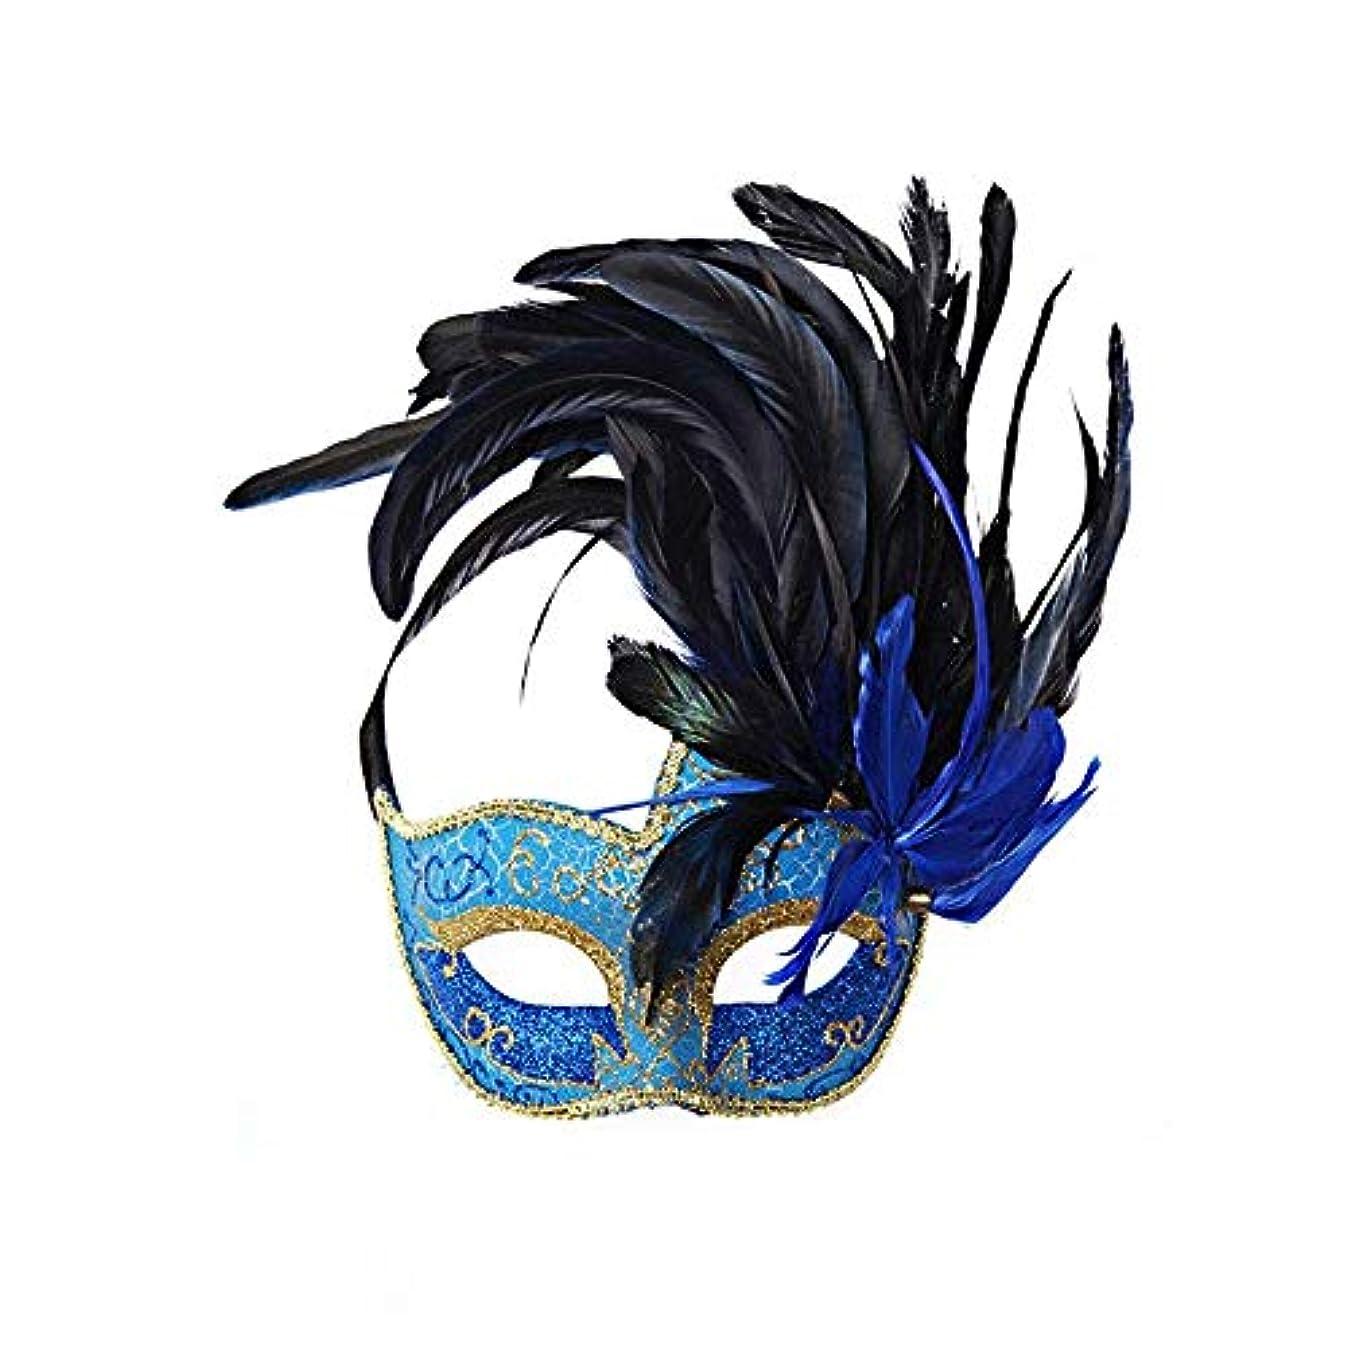 マウントバンク出身地水Nanle ハロウィンマスクハーフフェザーマスクベニスプリンセスマスク美容レース仮面ライダーコスプレ (色 : Style A blue)